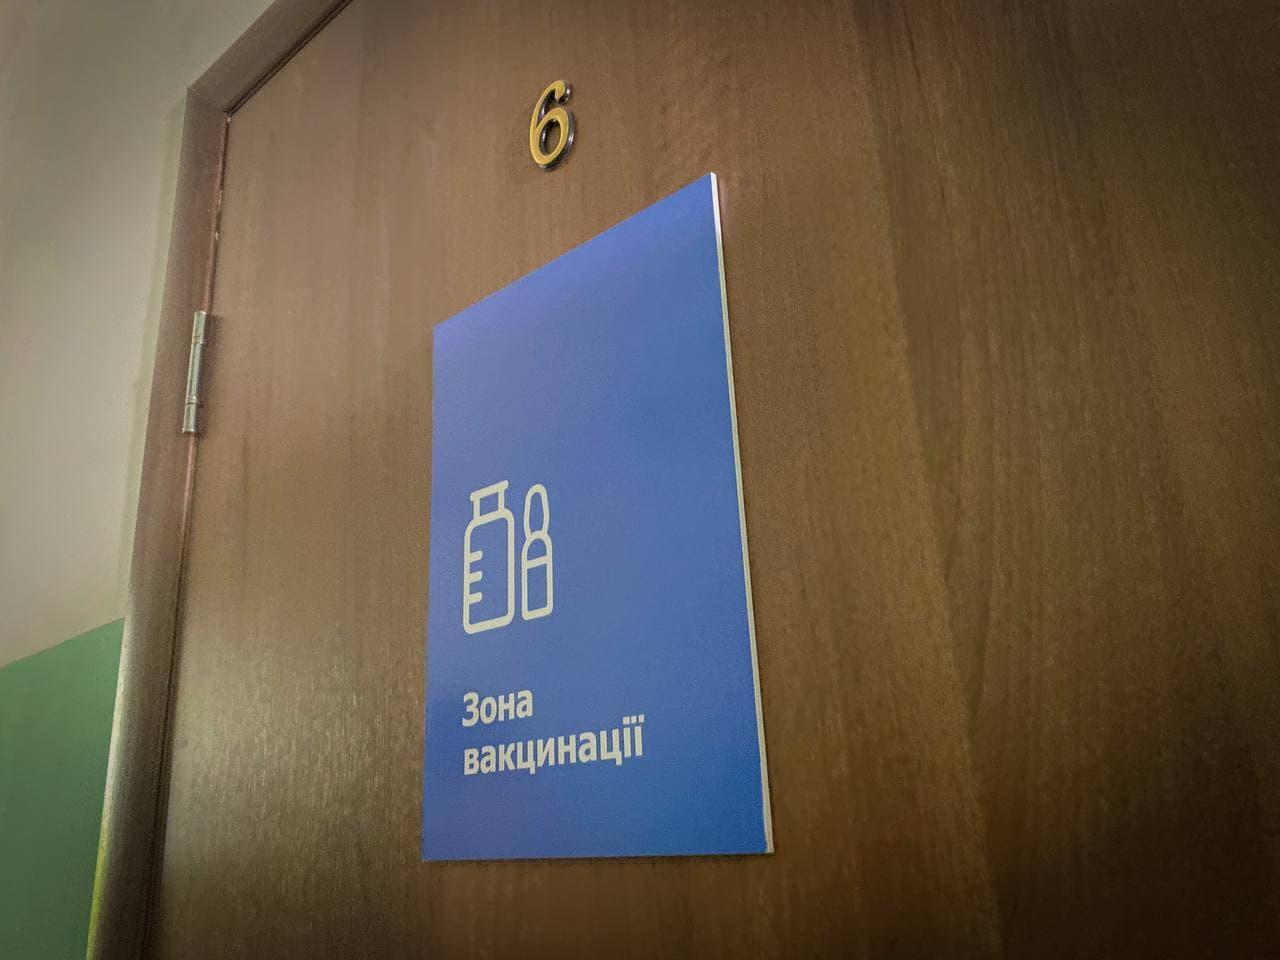 Без Купюр Голова ОДА за 2 дні перевірила центри вакцинації в 7 населених пунктах Здоров'я  новини Кропивницький Кіровоградщина вакцинація 2021 рік